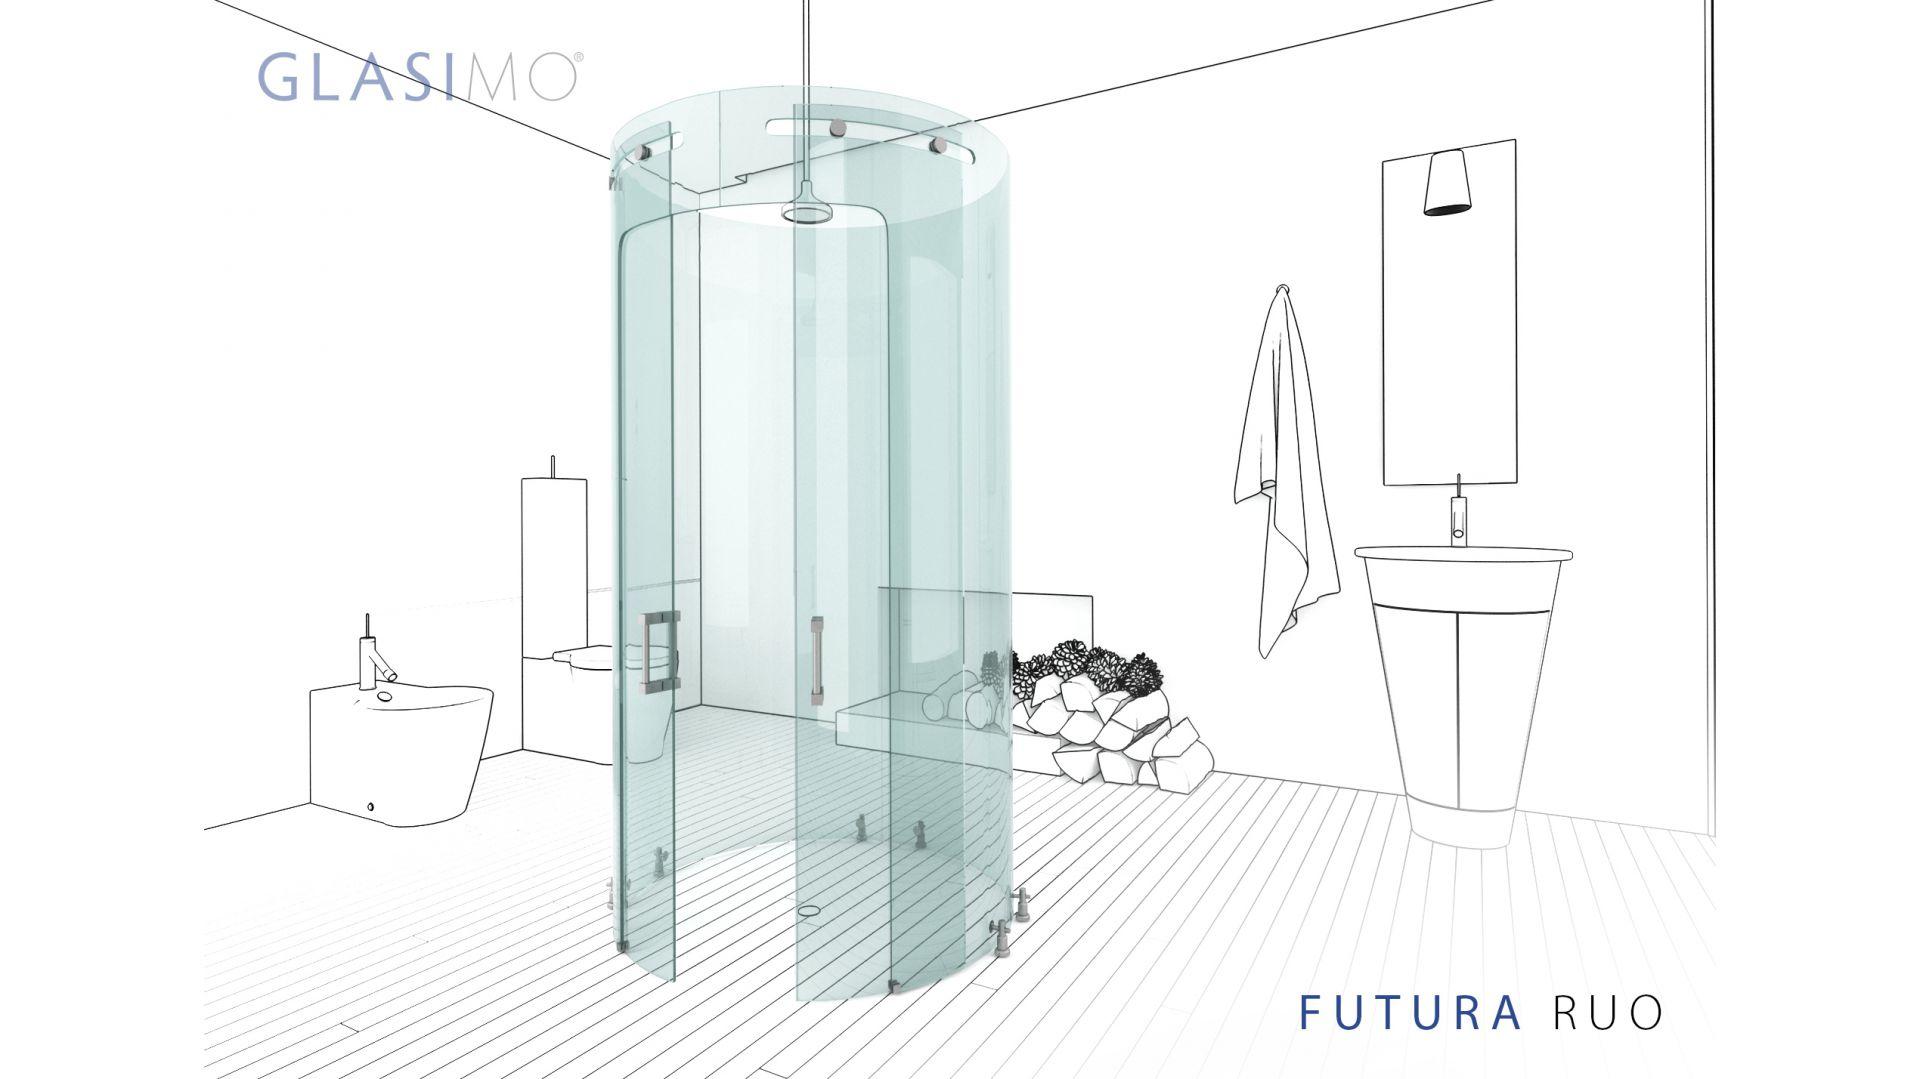 Glasimo Futura/Mochnik. Produkt zgłoszony do konkursu Dobry Design 2018.